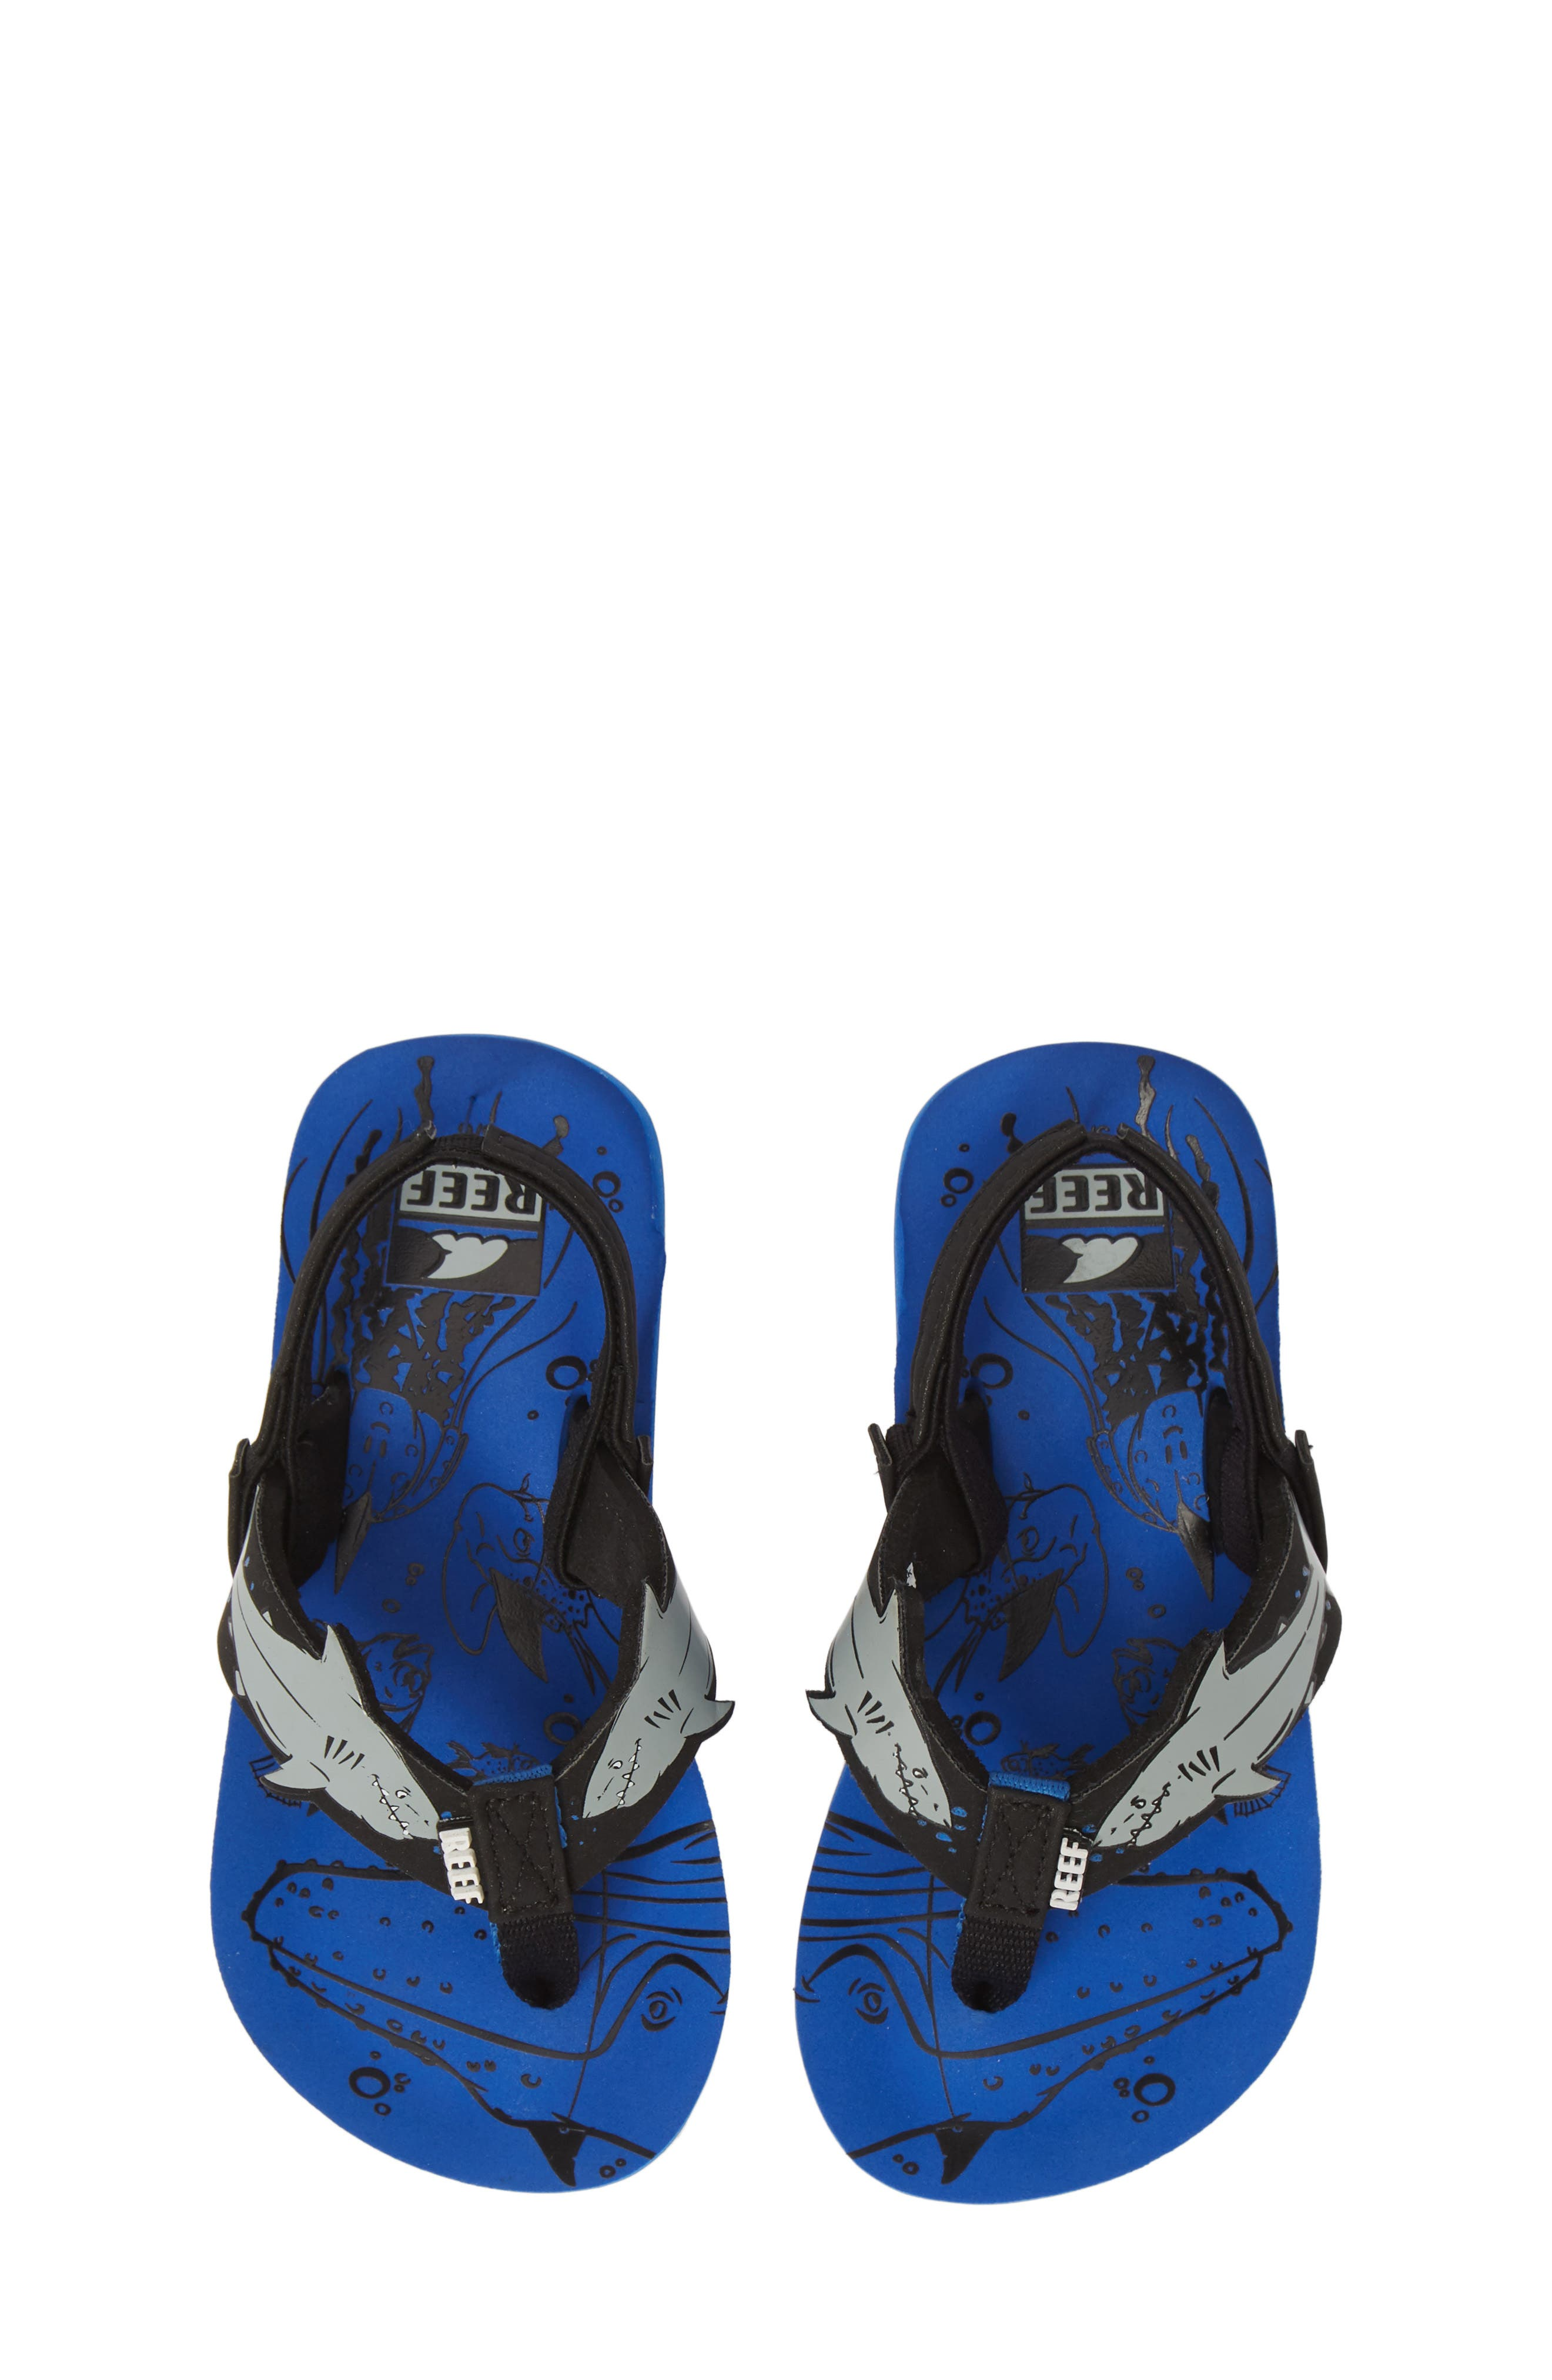 REEF Ahi Shark Flip Flop, Main, color, BLUE